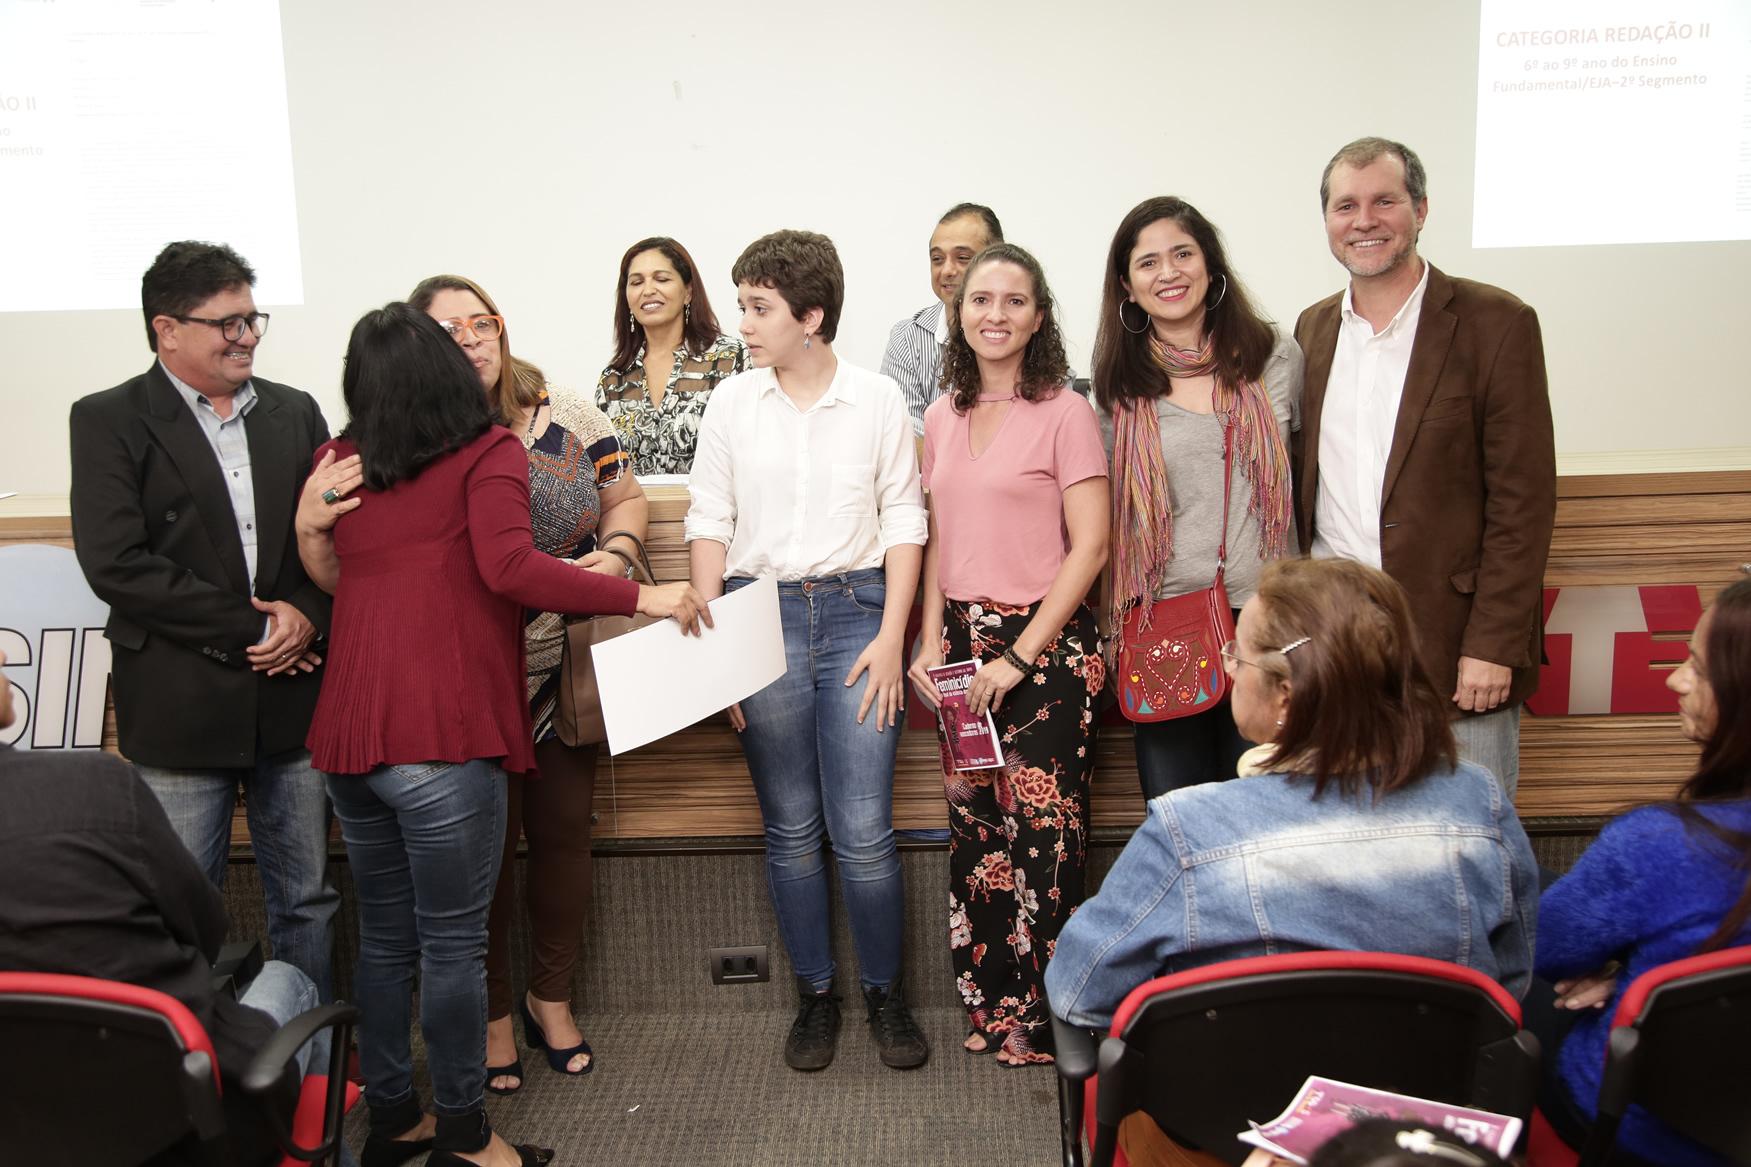 2019.05.19-Premiacao-do-X-Concurso-de-Redacao-do-Sinpro-DF_fotos-ECOM-66